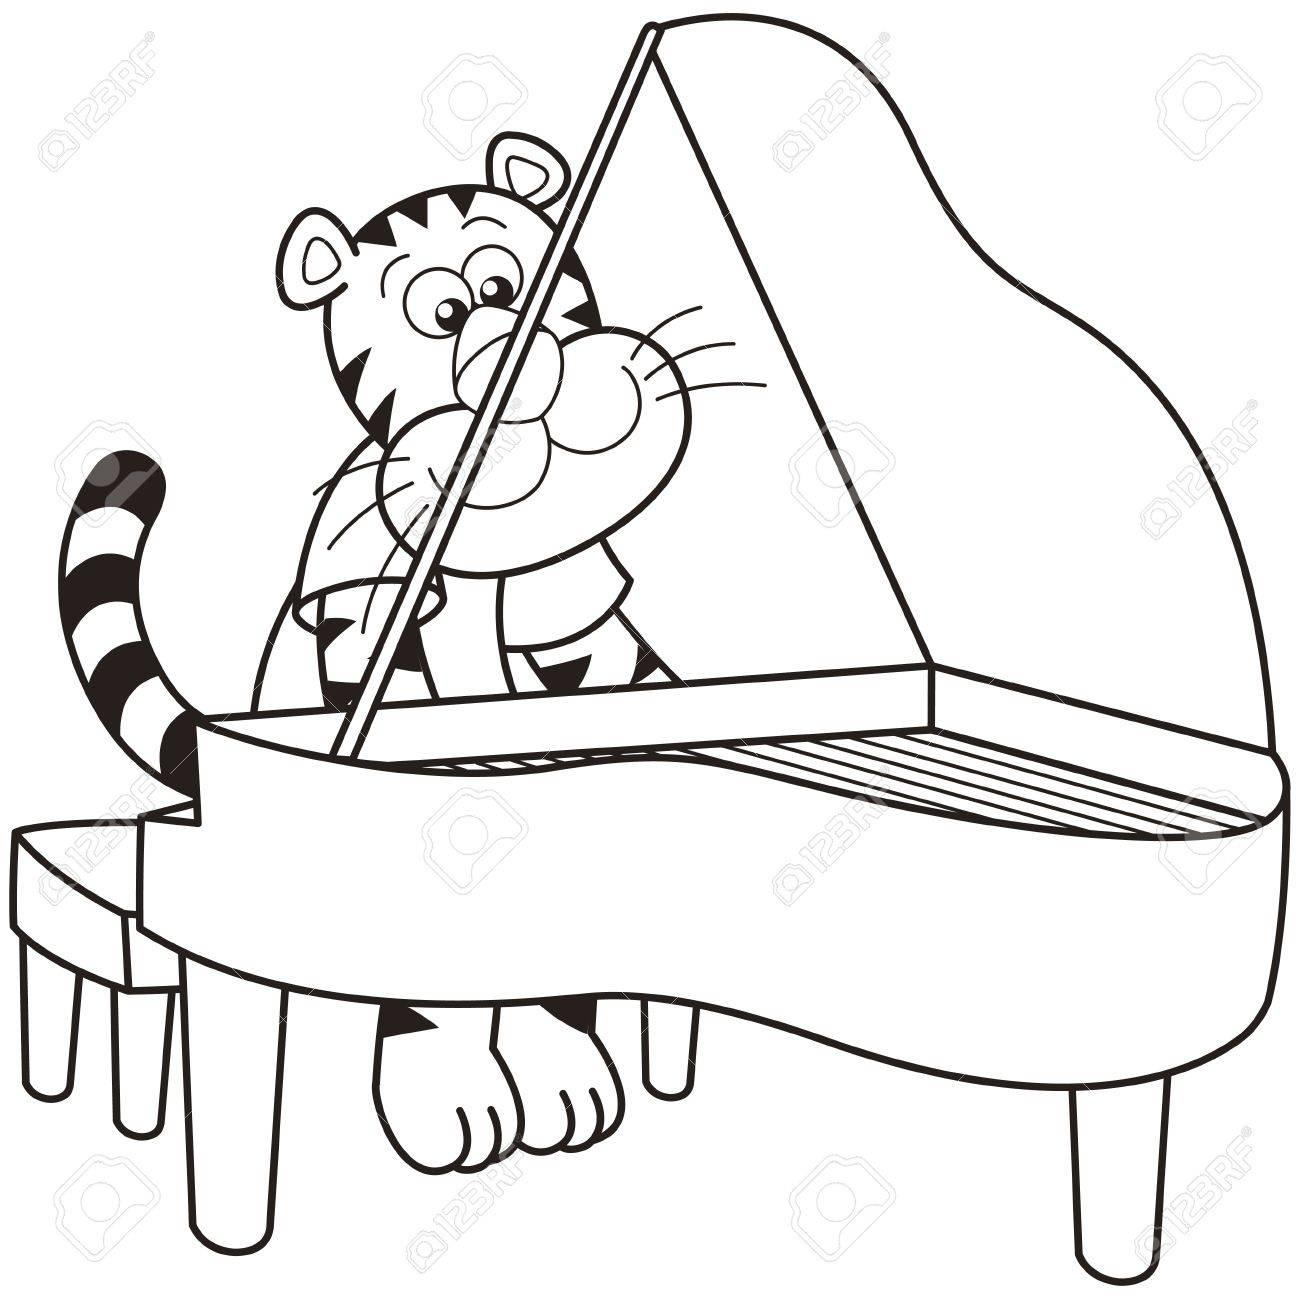 cartoon tiger playing a piano royalty free cliparts vectors and